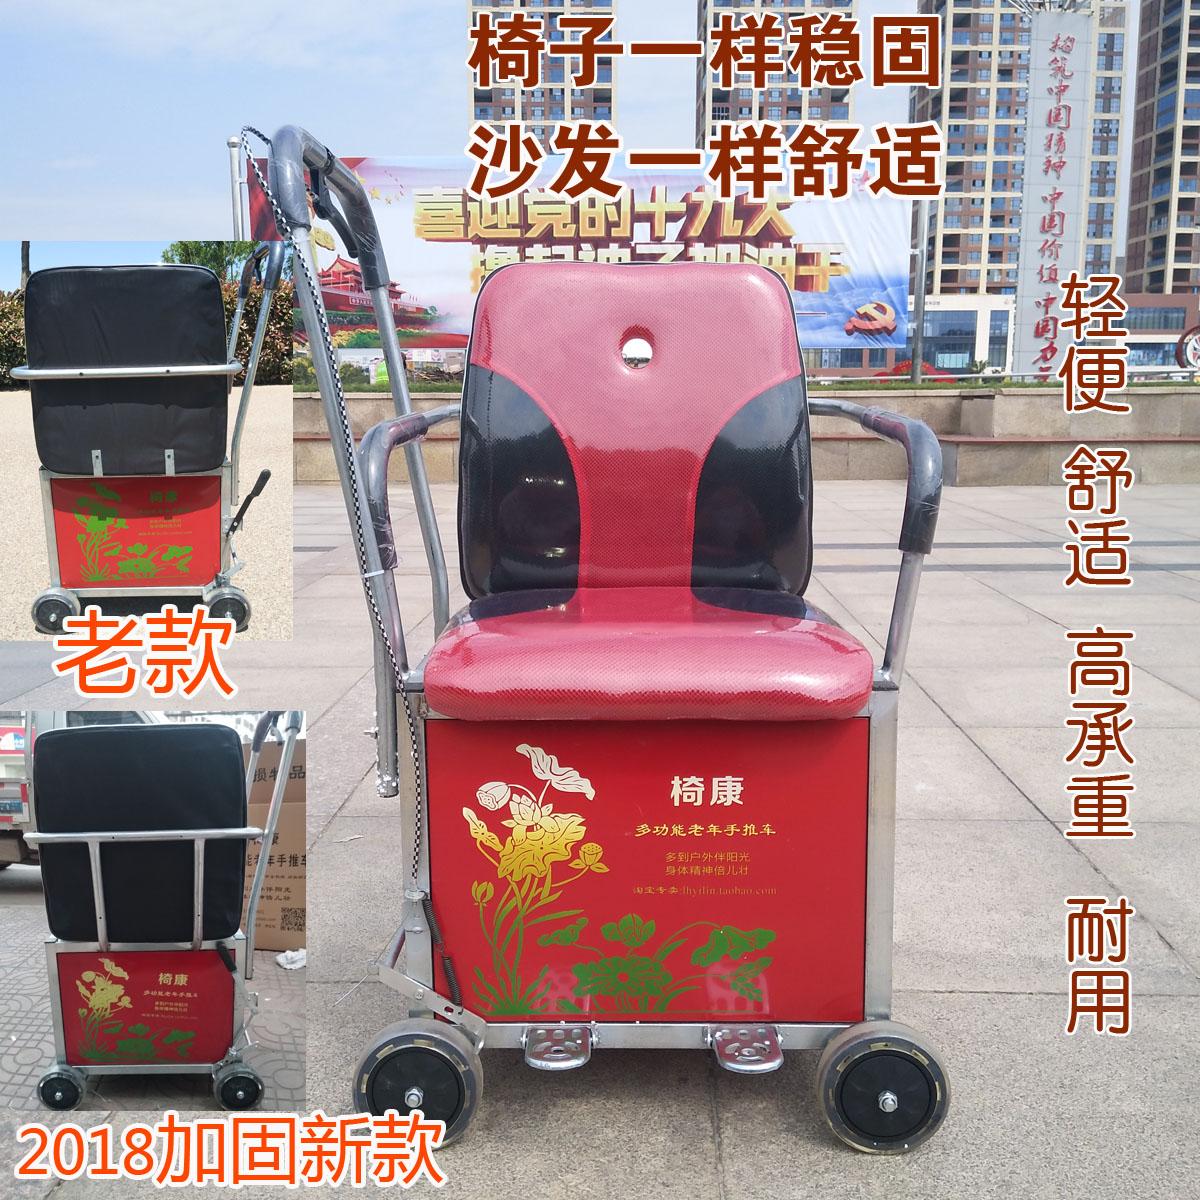 Скутеры для пожилых людей Артикул 540160495823